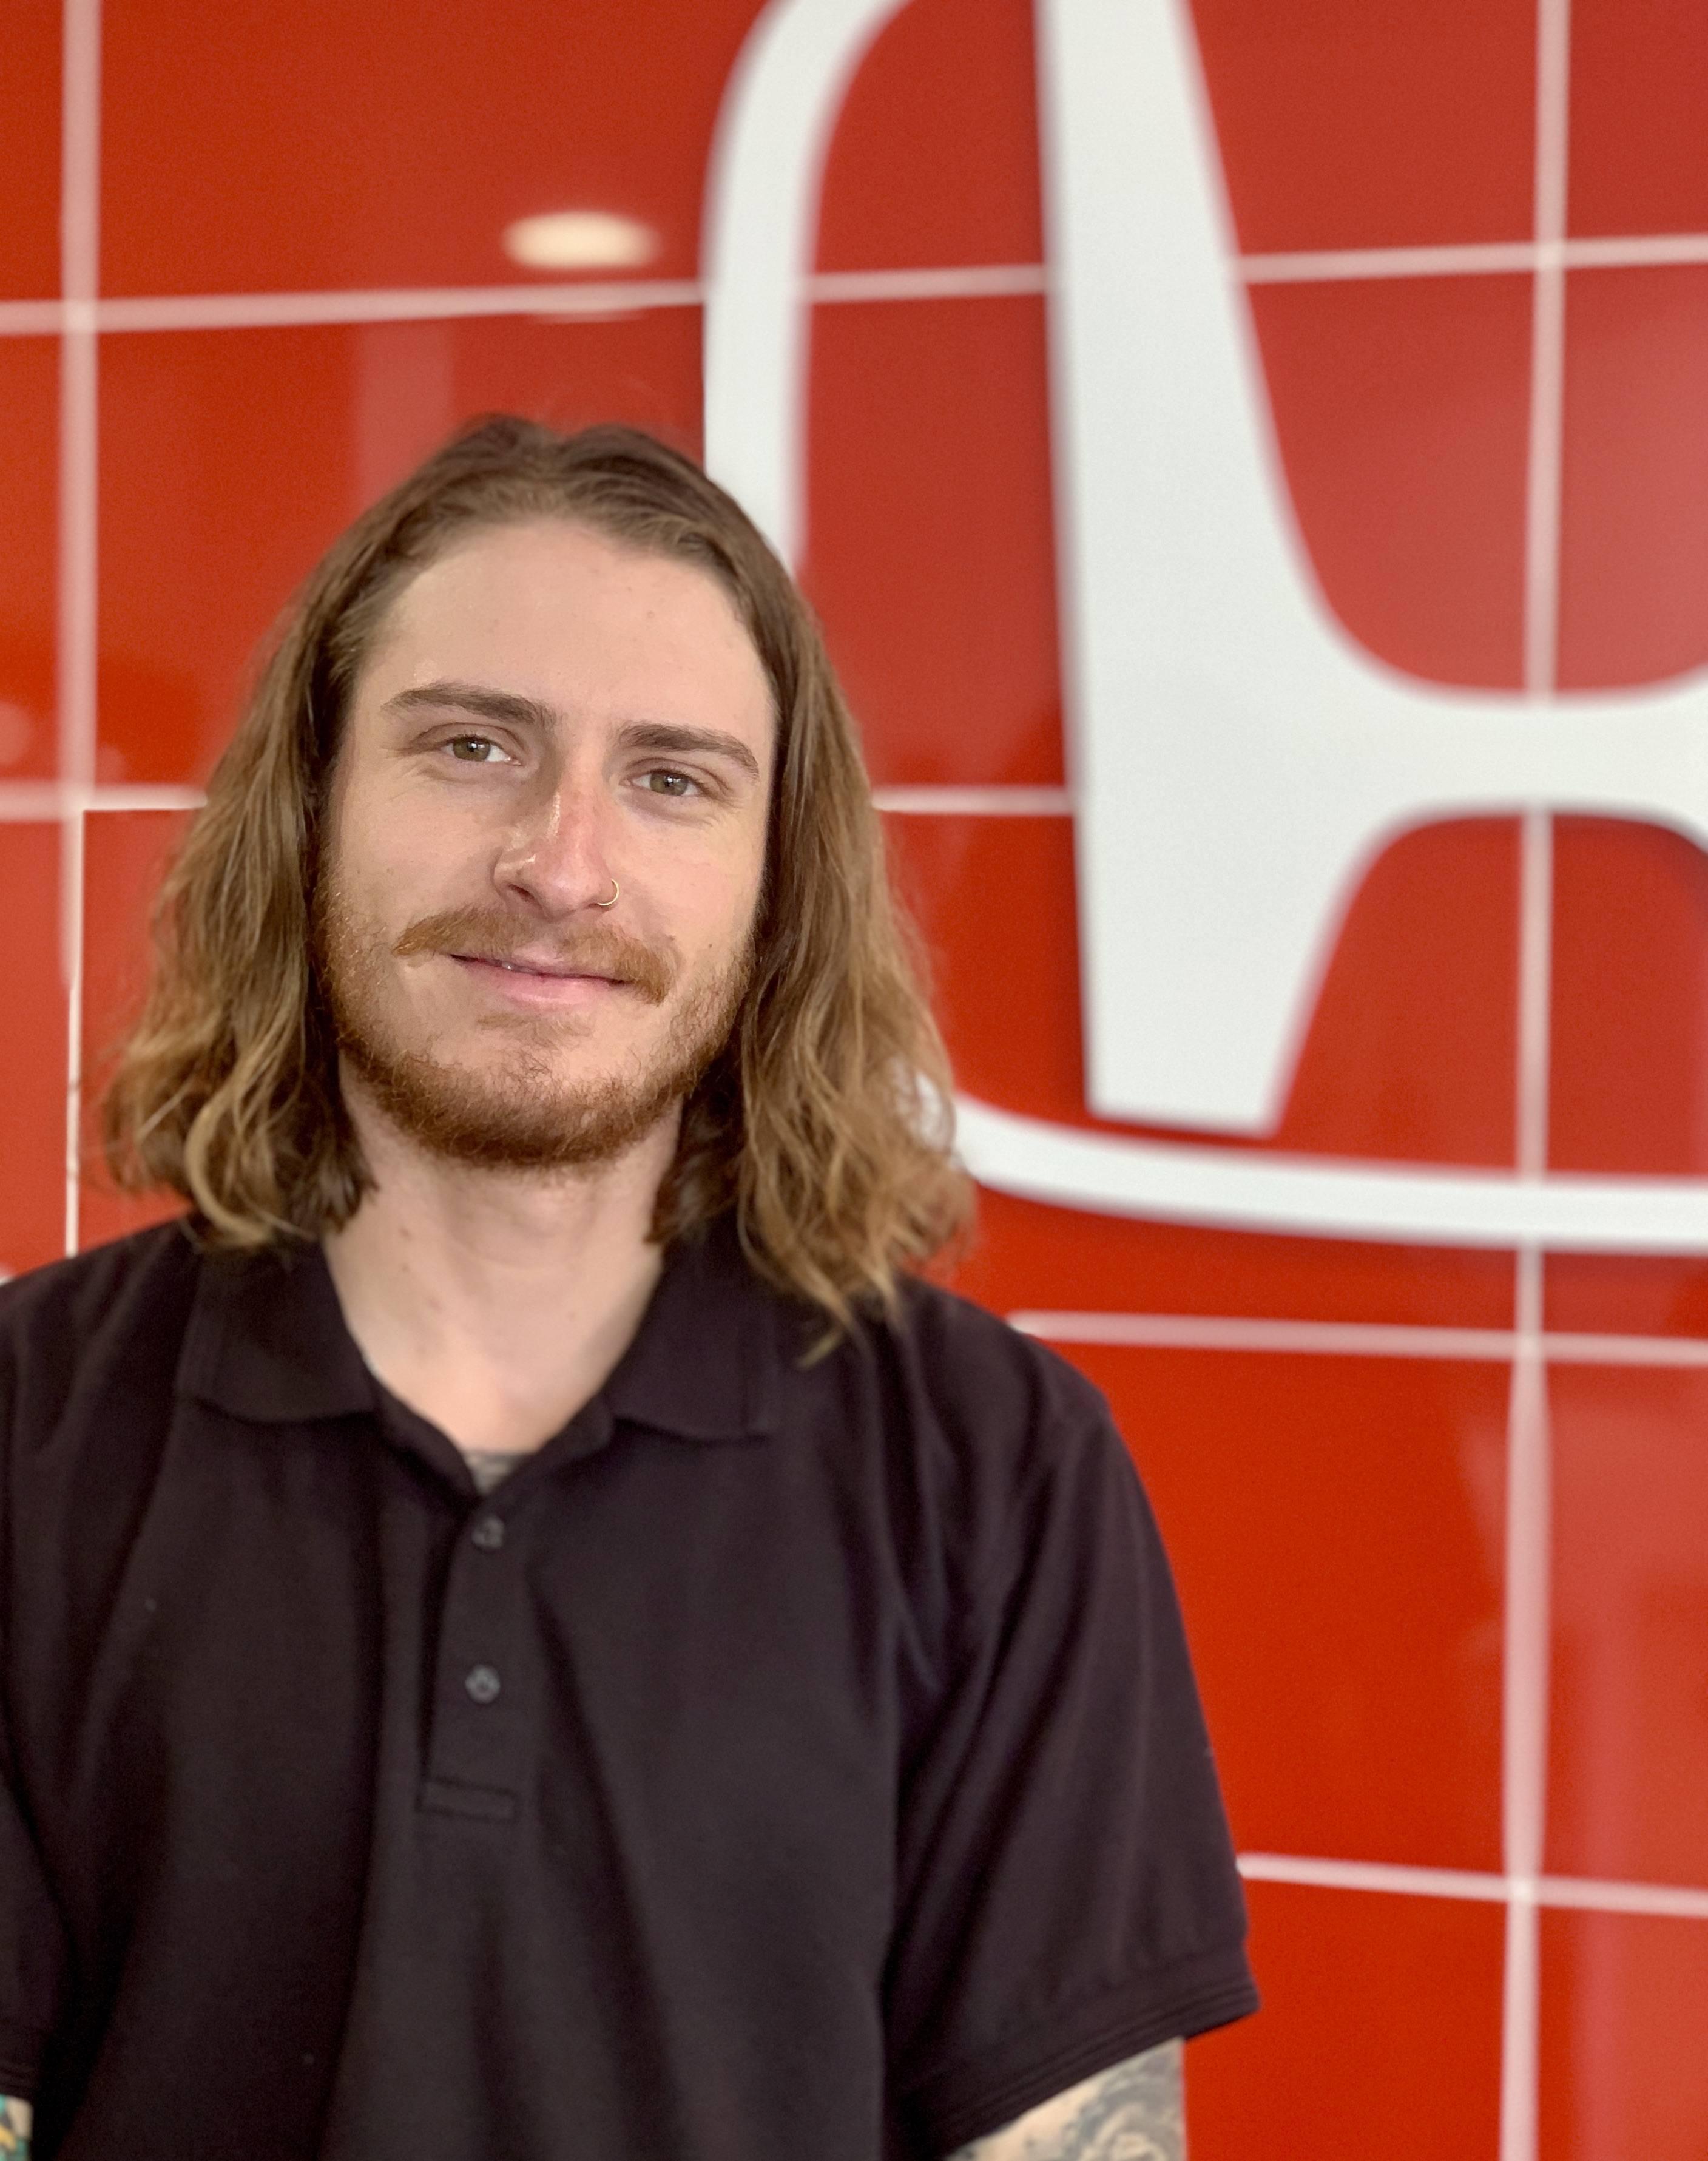 Ezra Santocono